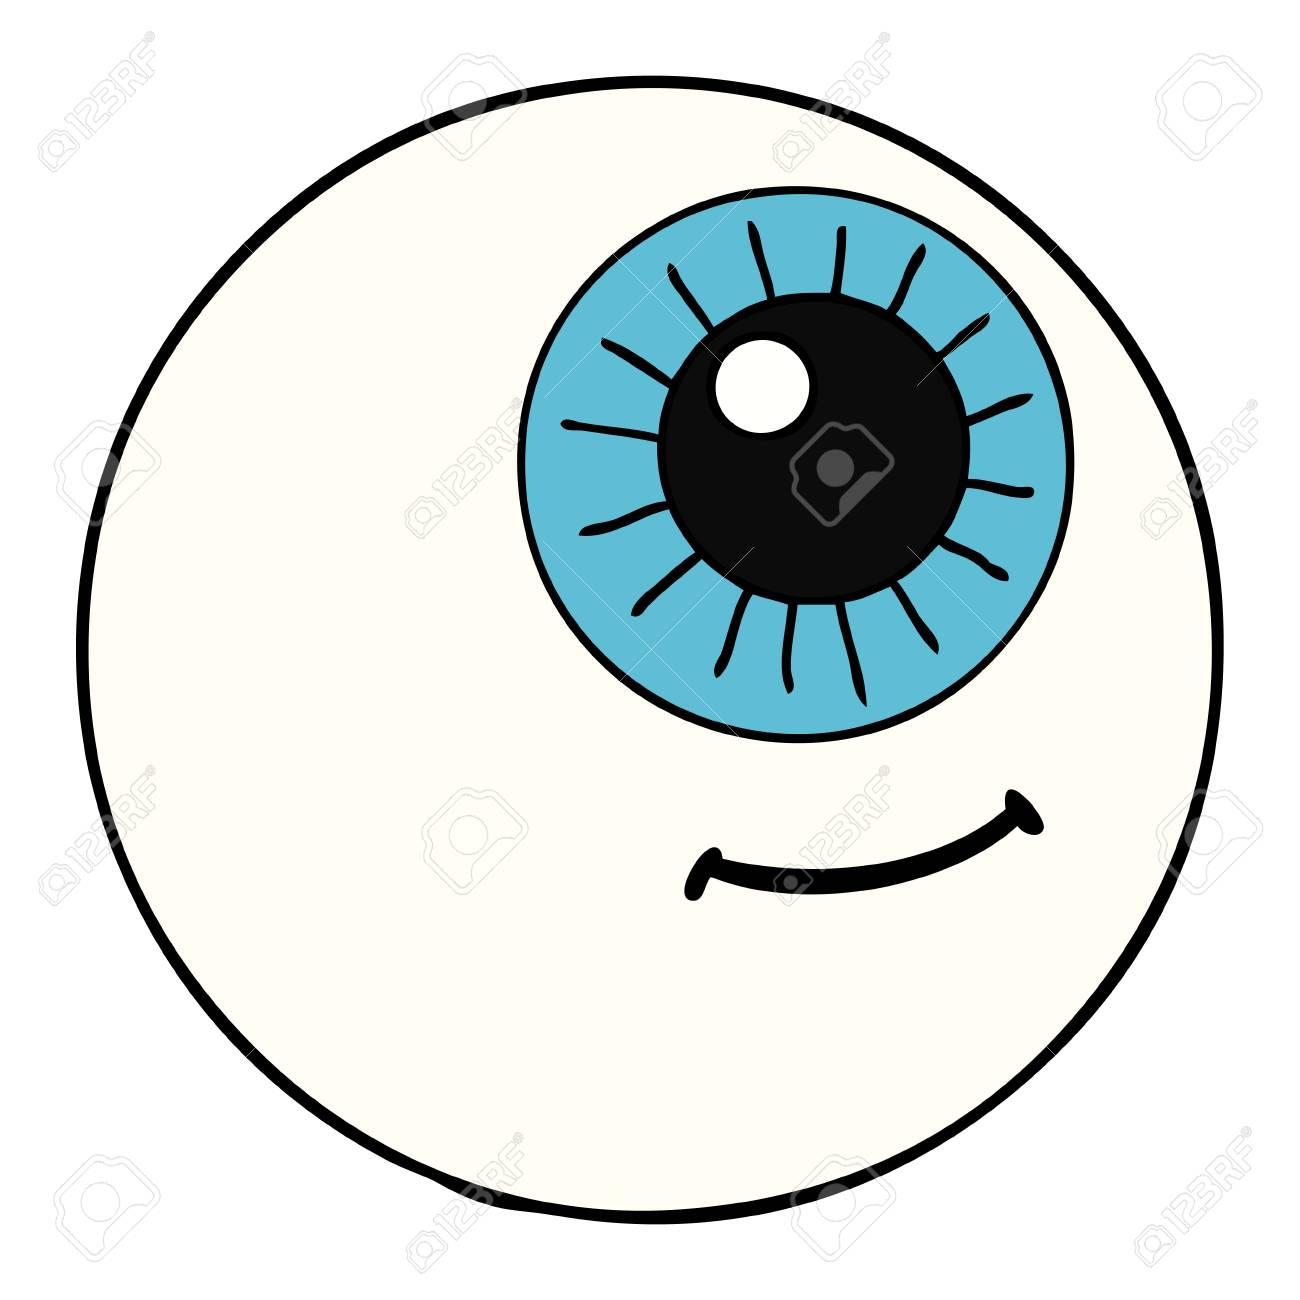 cartoon eyeball illustration design royalty free cliparts vectors rh 123rf com eyeball vector free download eyeball vector png